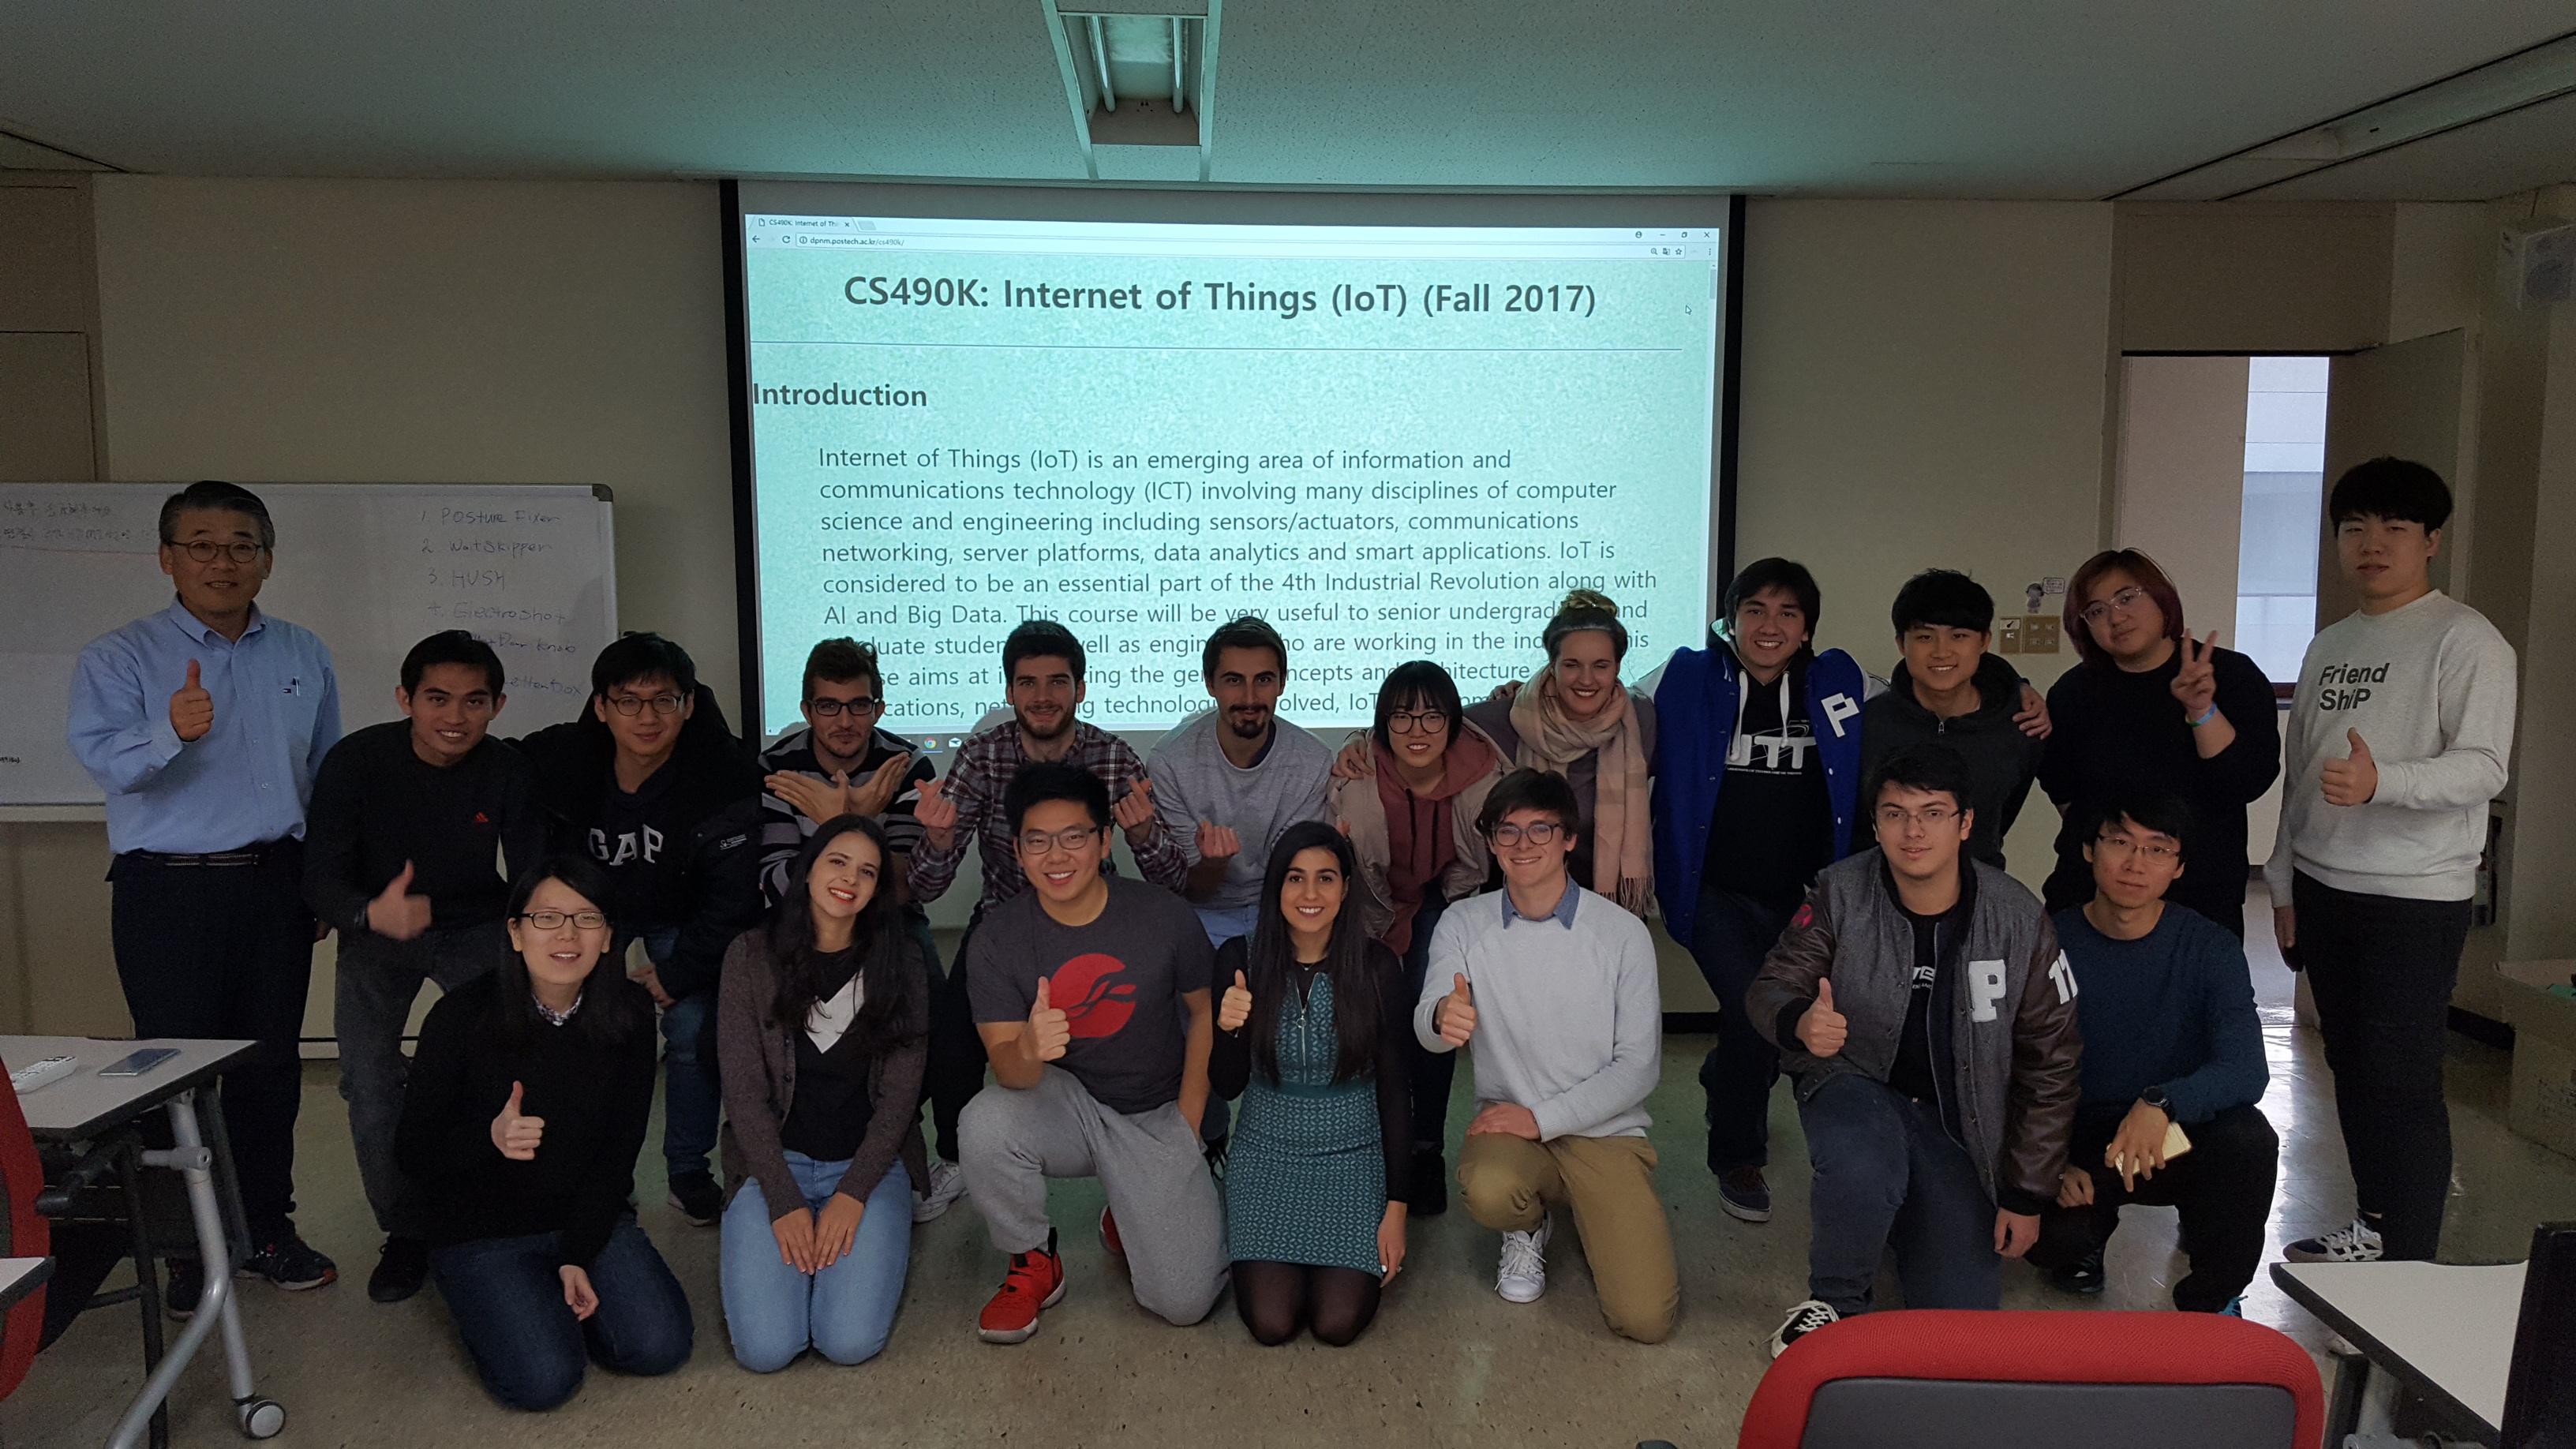 CS490K: Internet of Things (IoT)